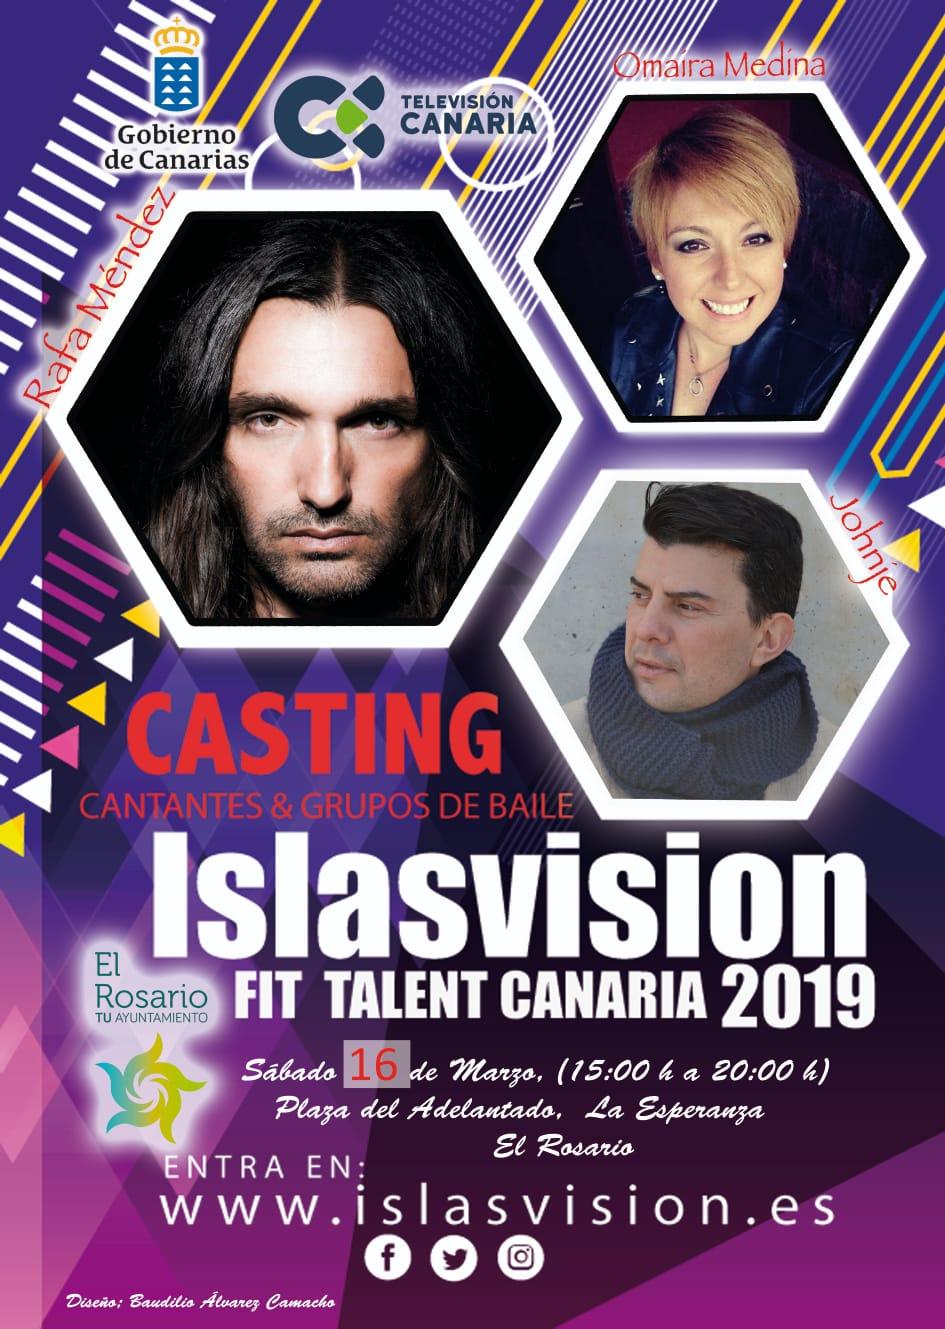 Cartel Islasvision Casting